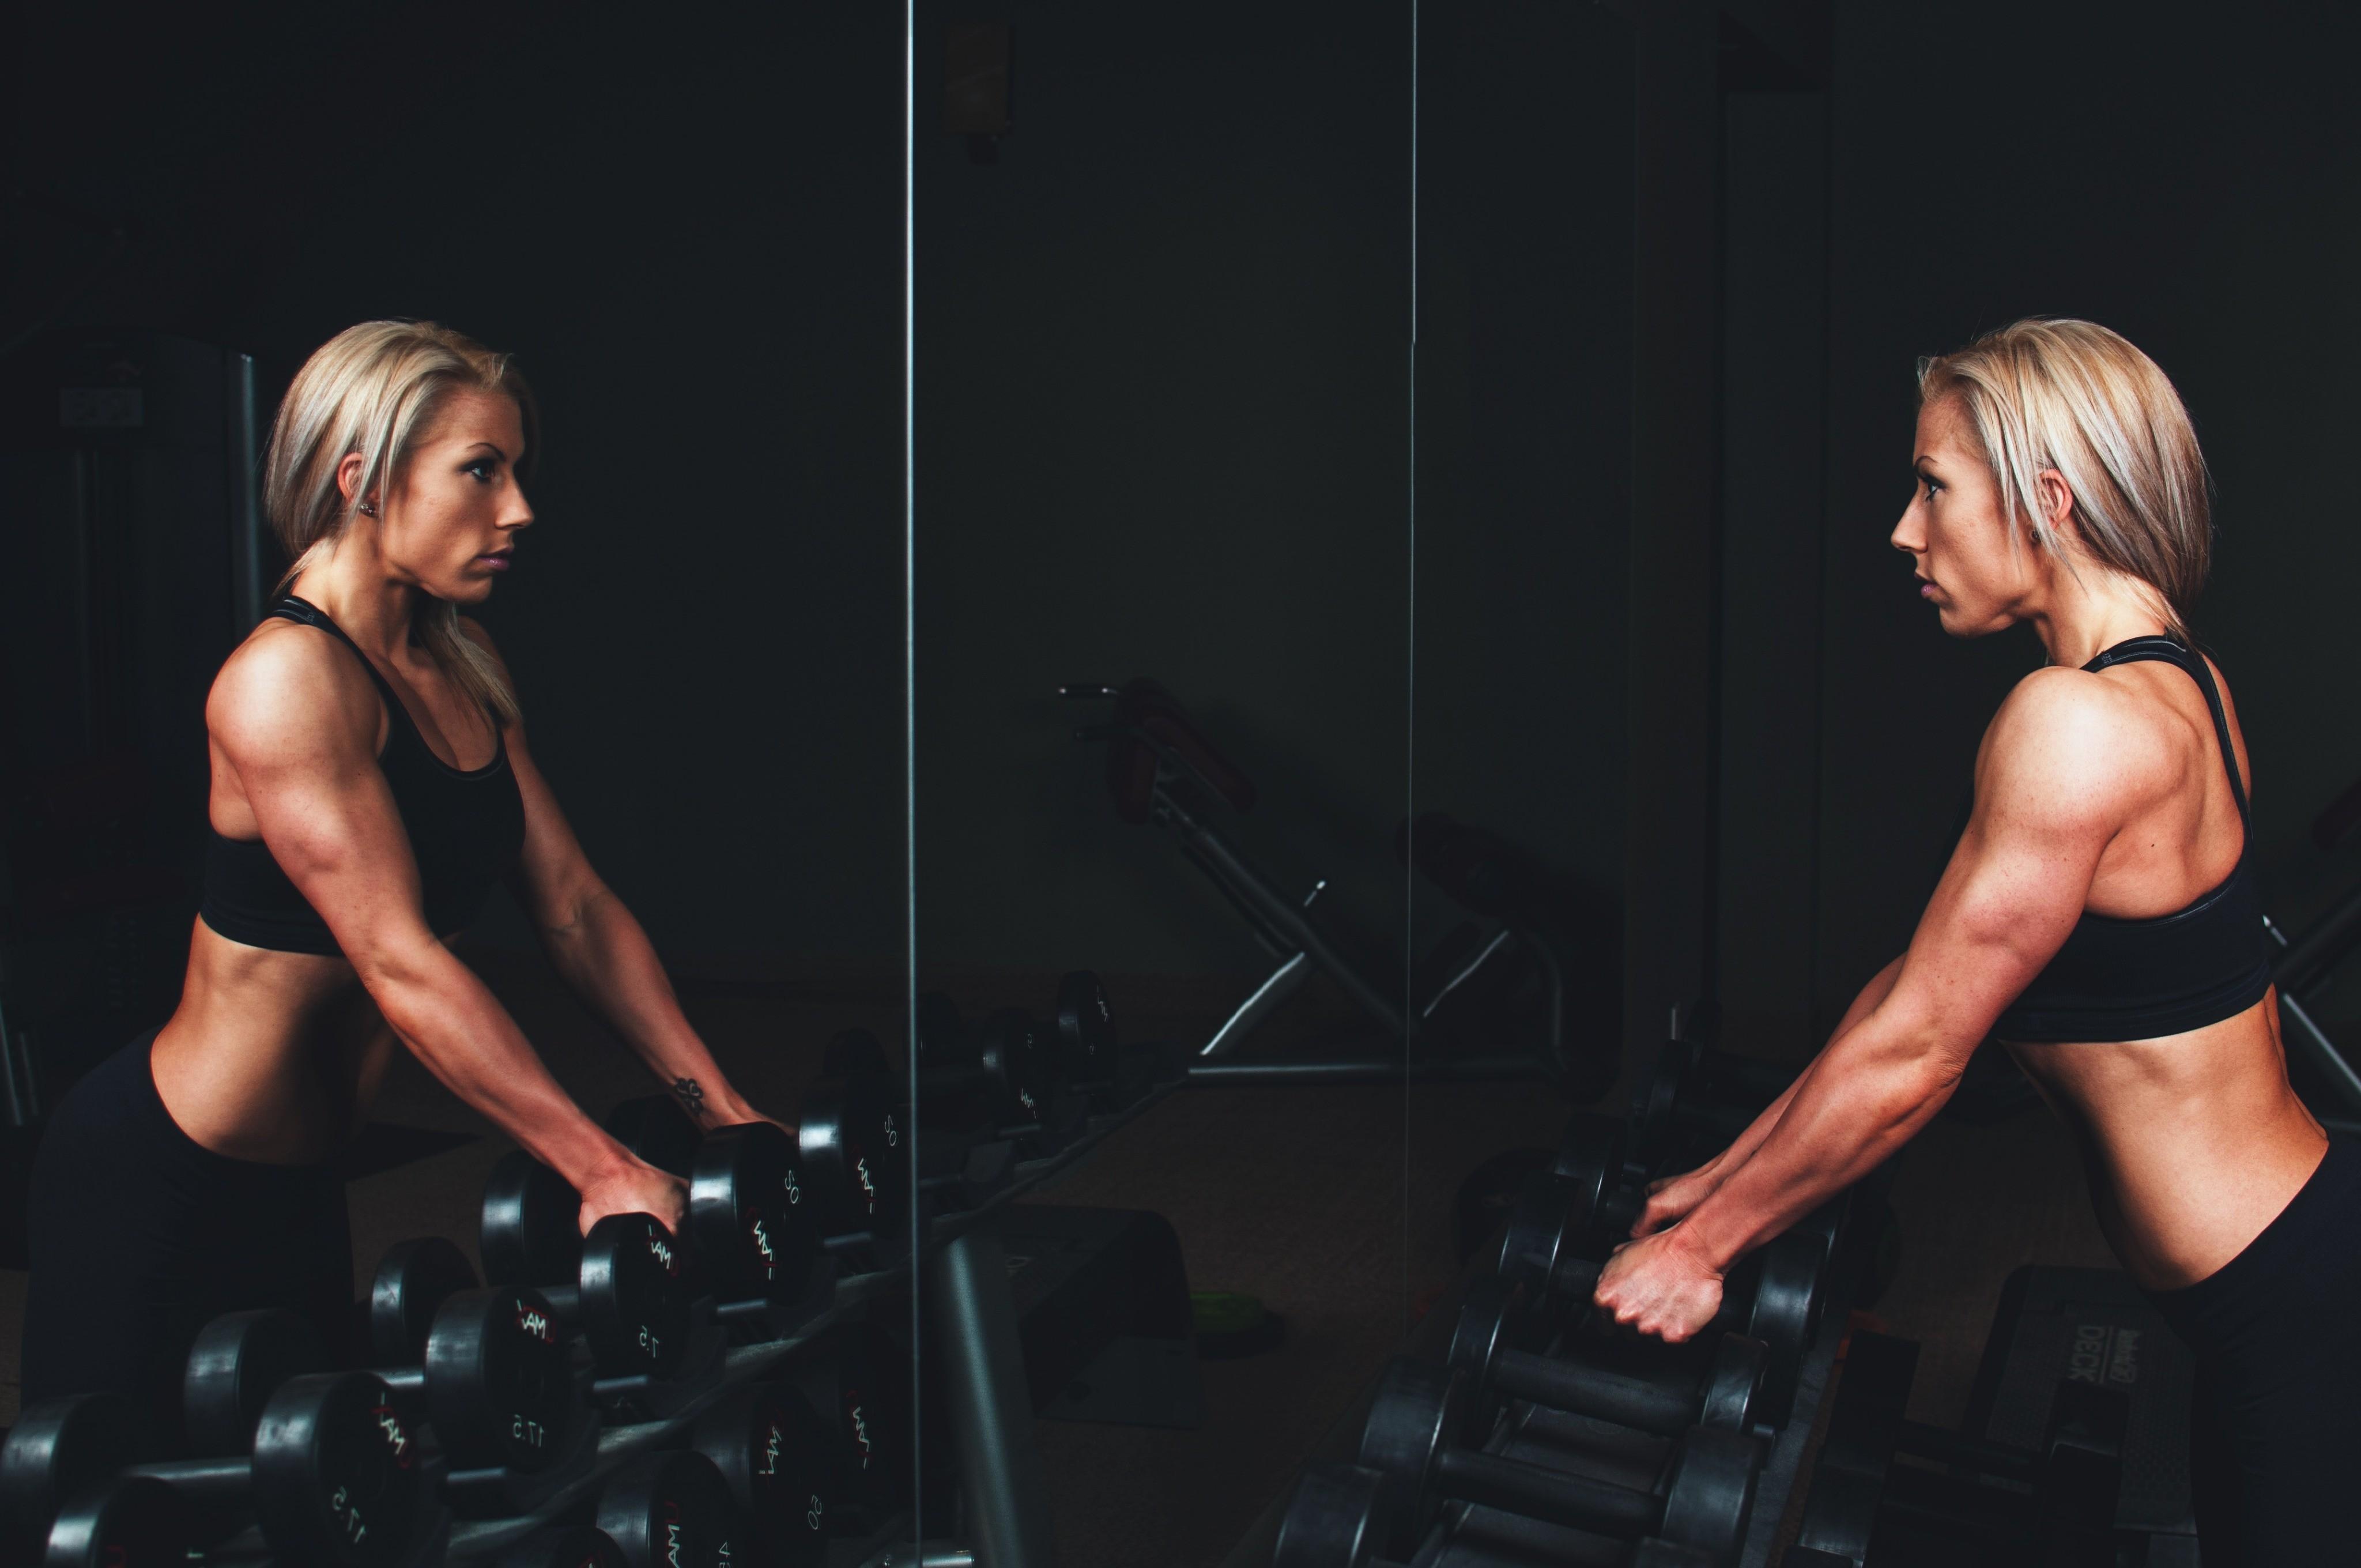 5 предельно вредных видов фитнеса и безопасные альтернативы